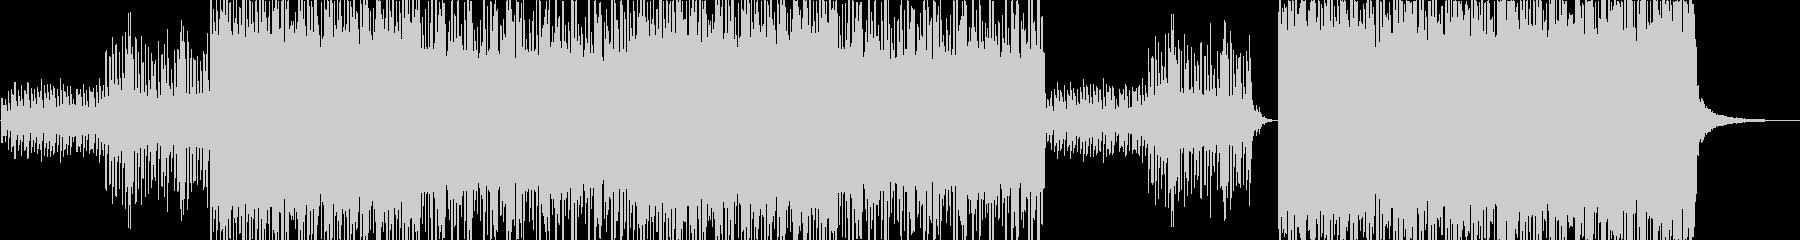 ノスタルジックなHIPHOPトラックの未再生の波形